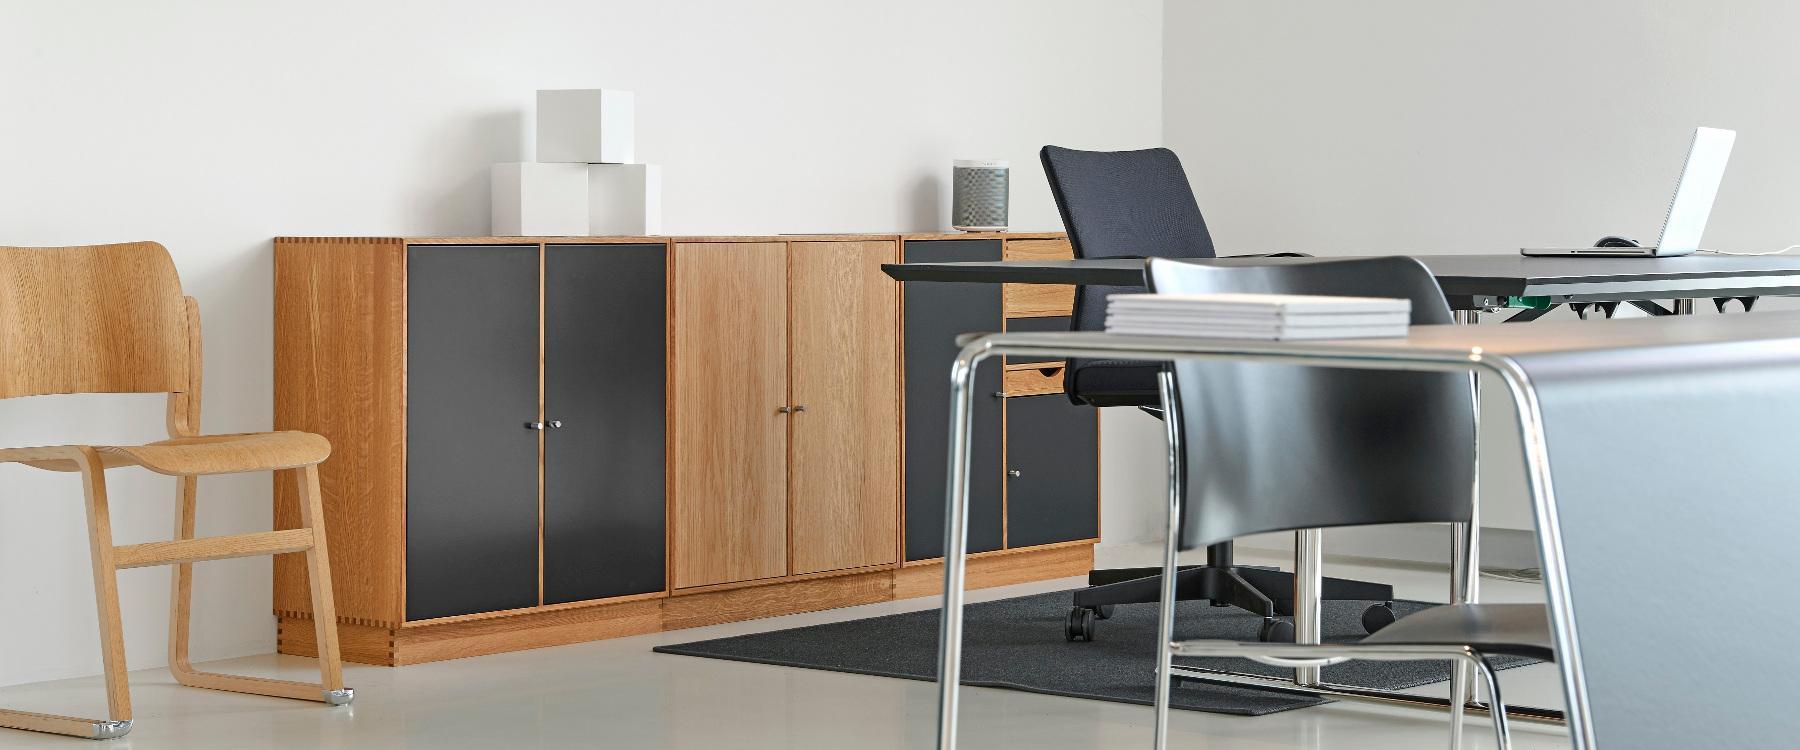 Az irodabútorgyártás alapanyagai egy helyen. - PAK.hu